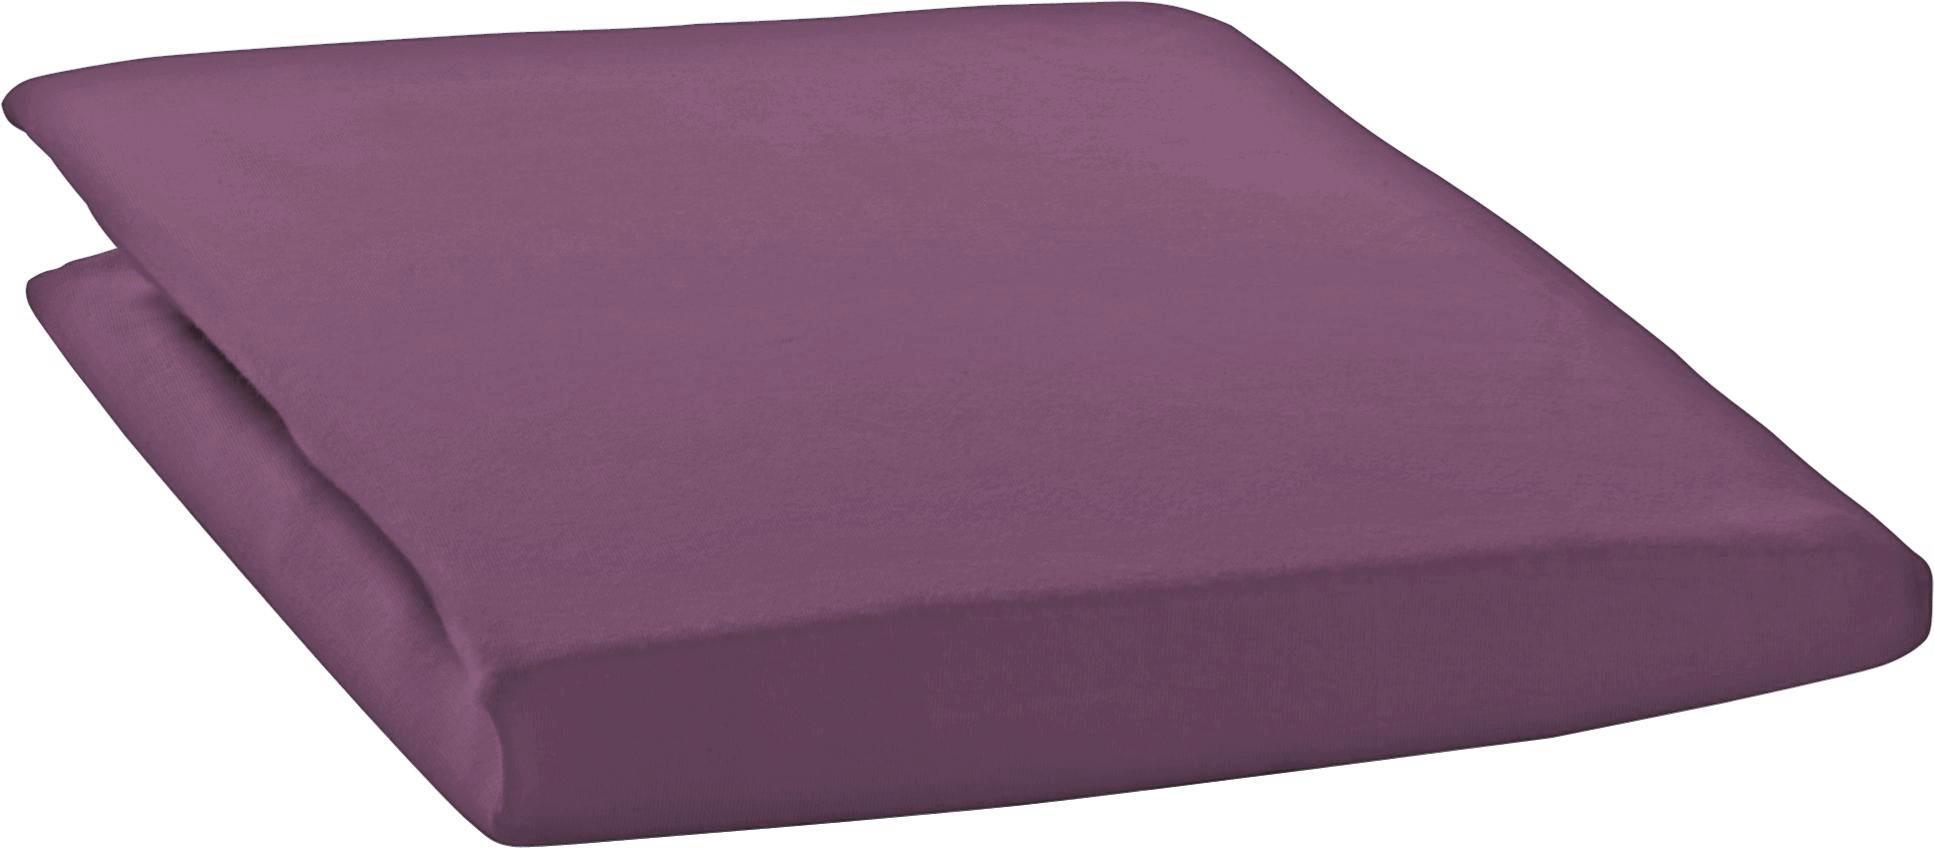 SPANNBETTTUCH Zwirn-Jersey Lila bügelfrei, für Wasserbetten geeignet - Lila, Basics, Textil (200/200cm) - ESTELLA